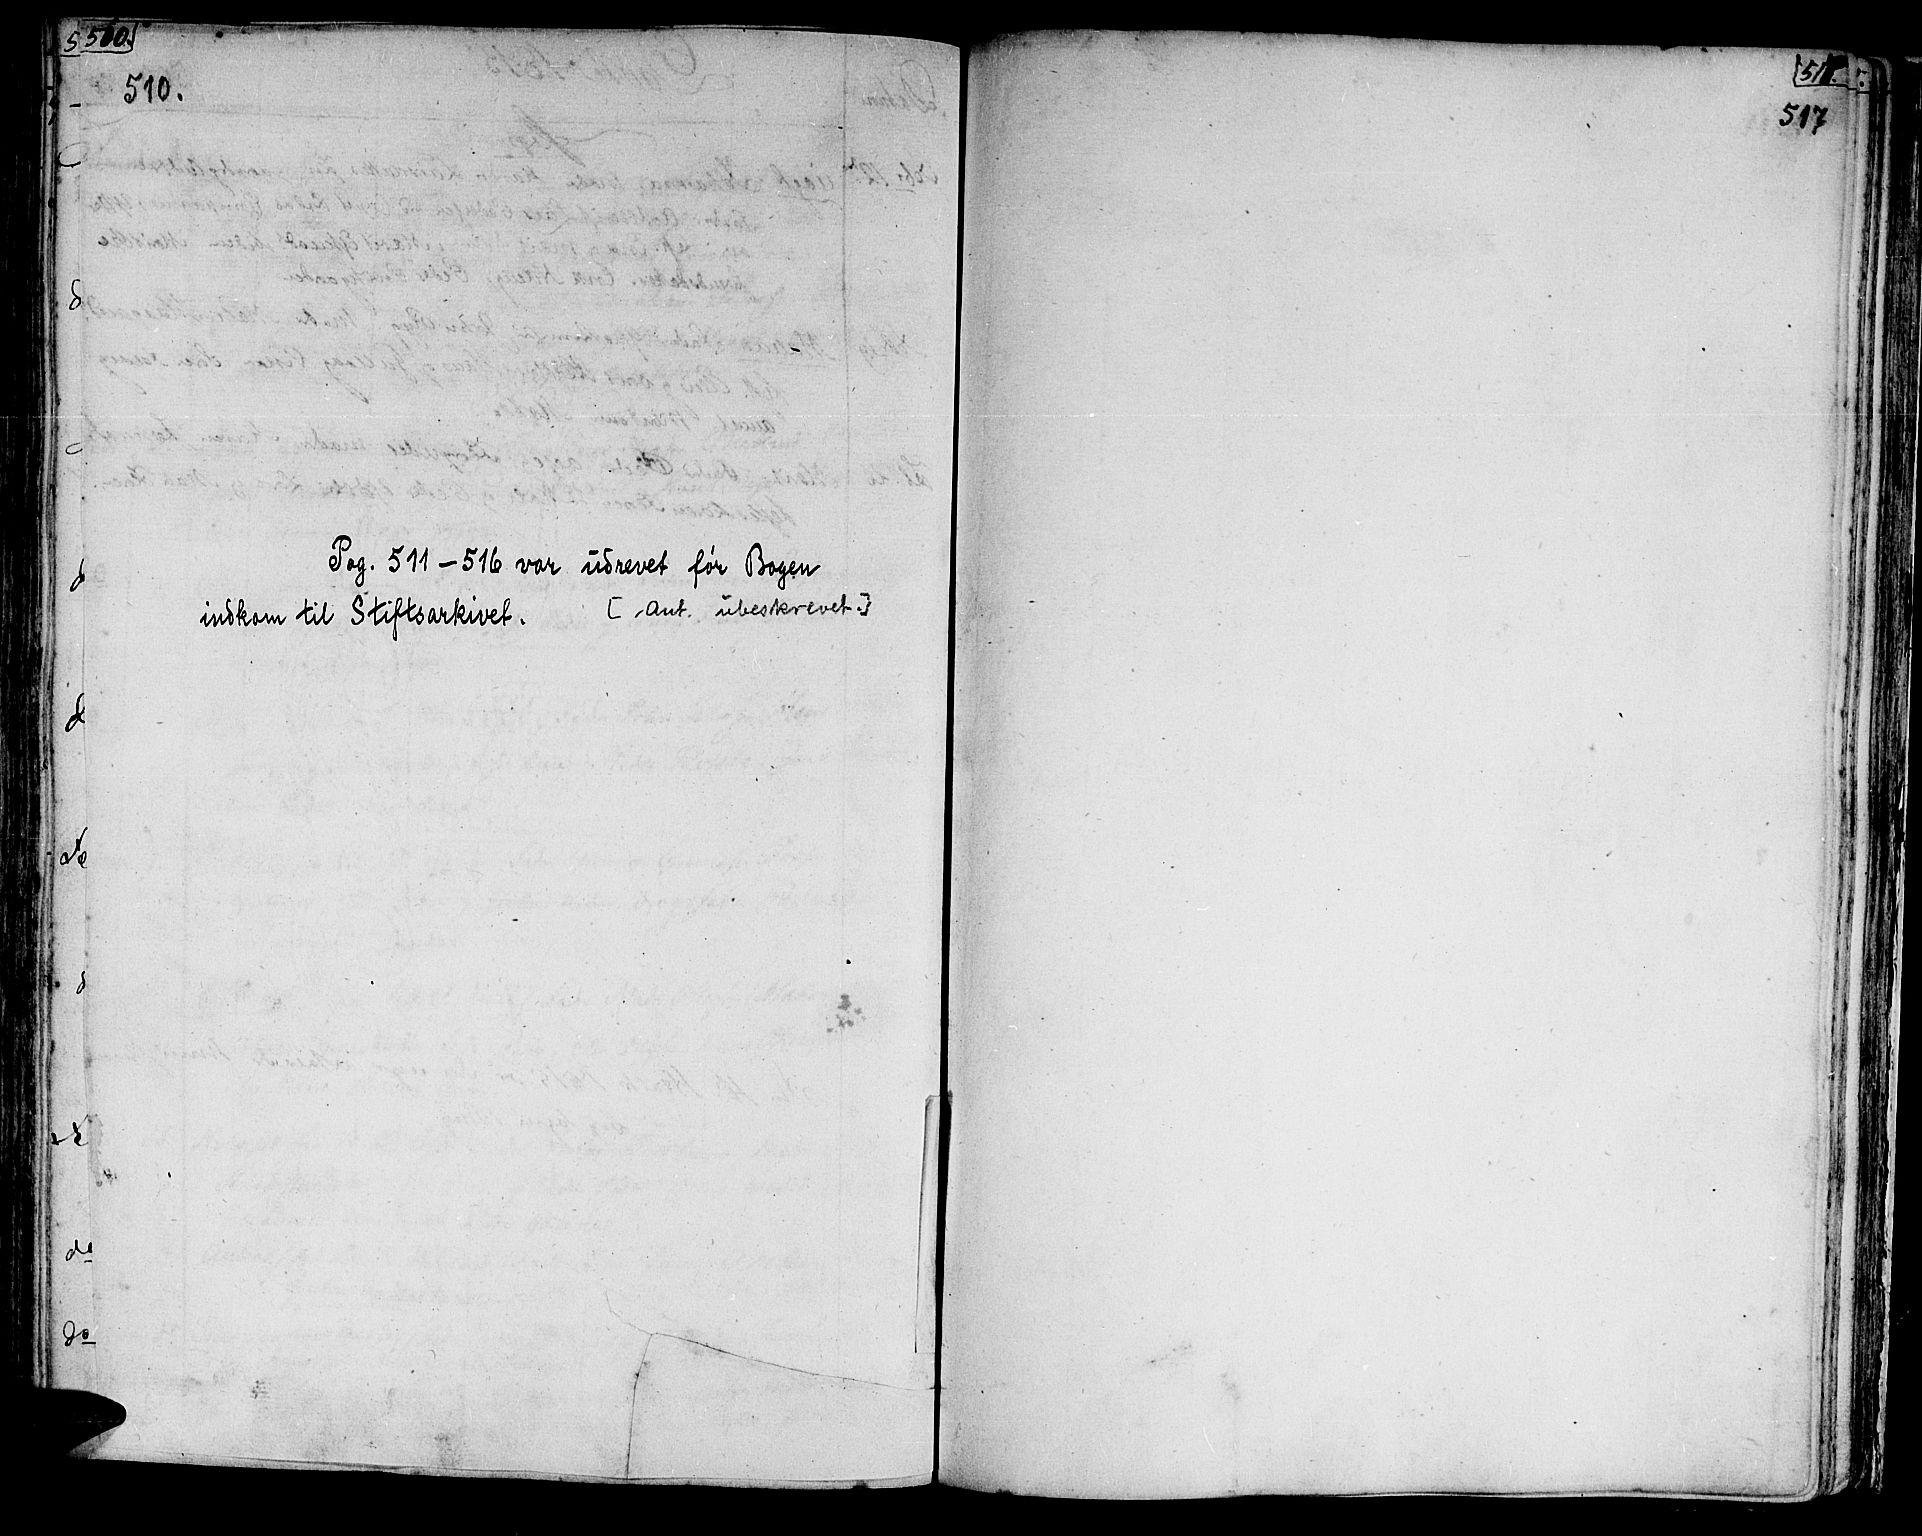 SAT, Ministerialprotokoller, klokkerbøker og fødselsregistre - Nord-Trøndelag, 709/L0060: Ministerialbok nr. 709A07, 1797-1815, s. 510-517